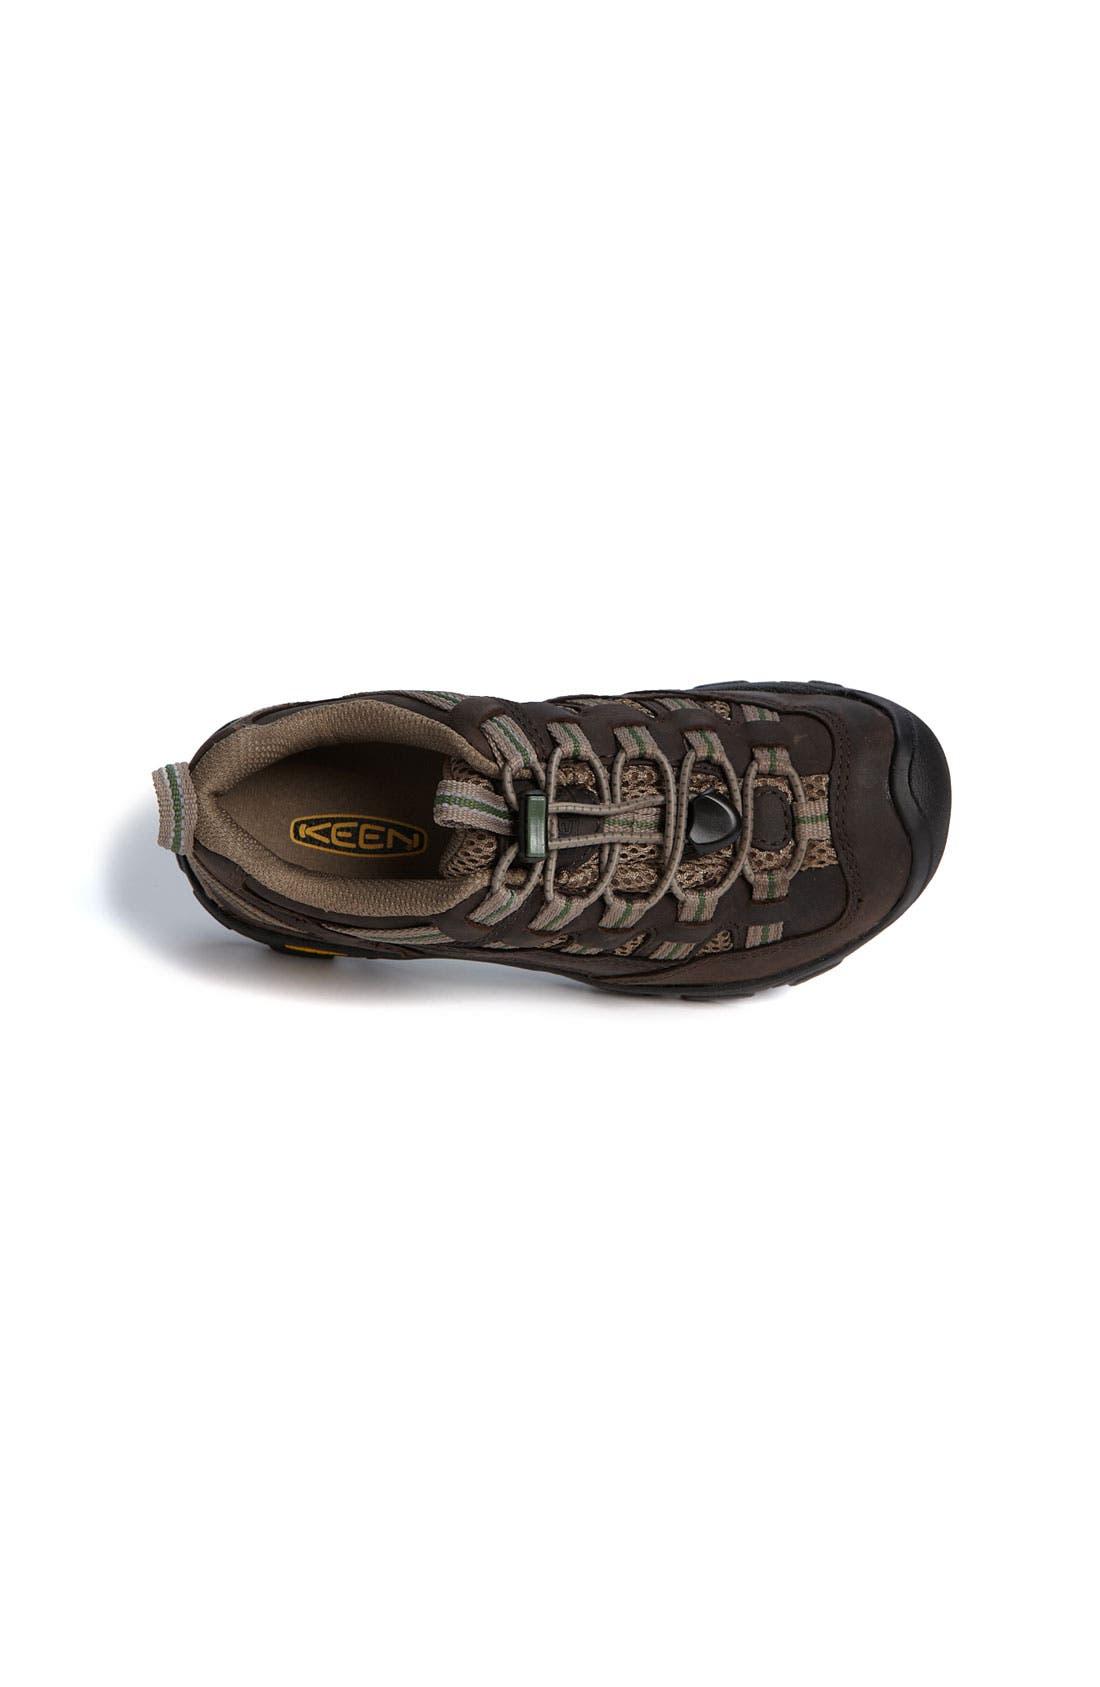 Alternate Image 3  - Keen 'Alamosa' Waterproof Sneaker (Toddler, Little Kid & Big Kid)